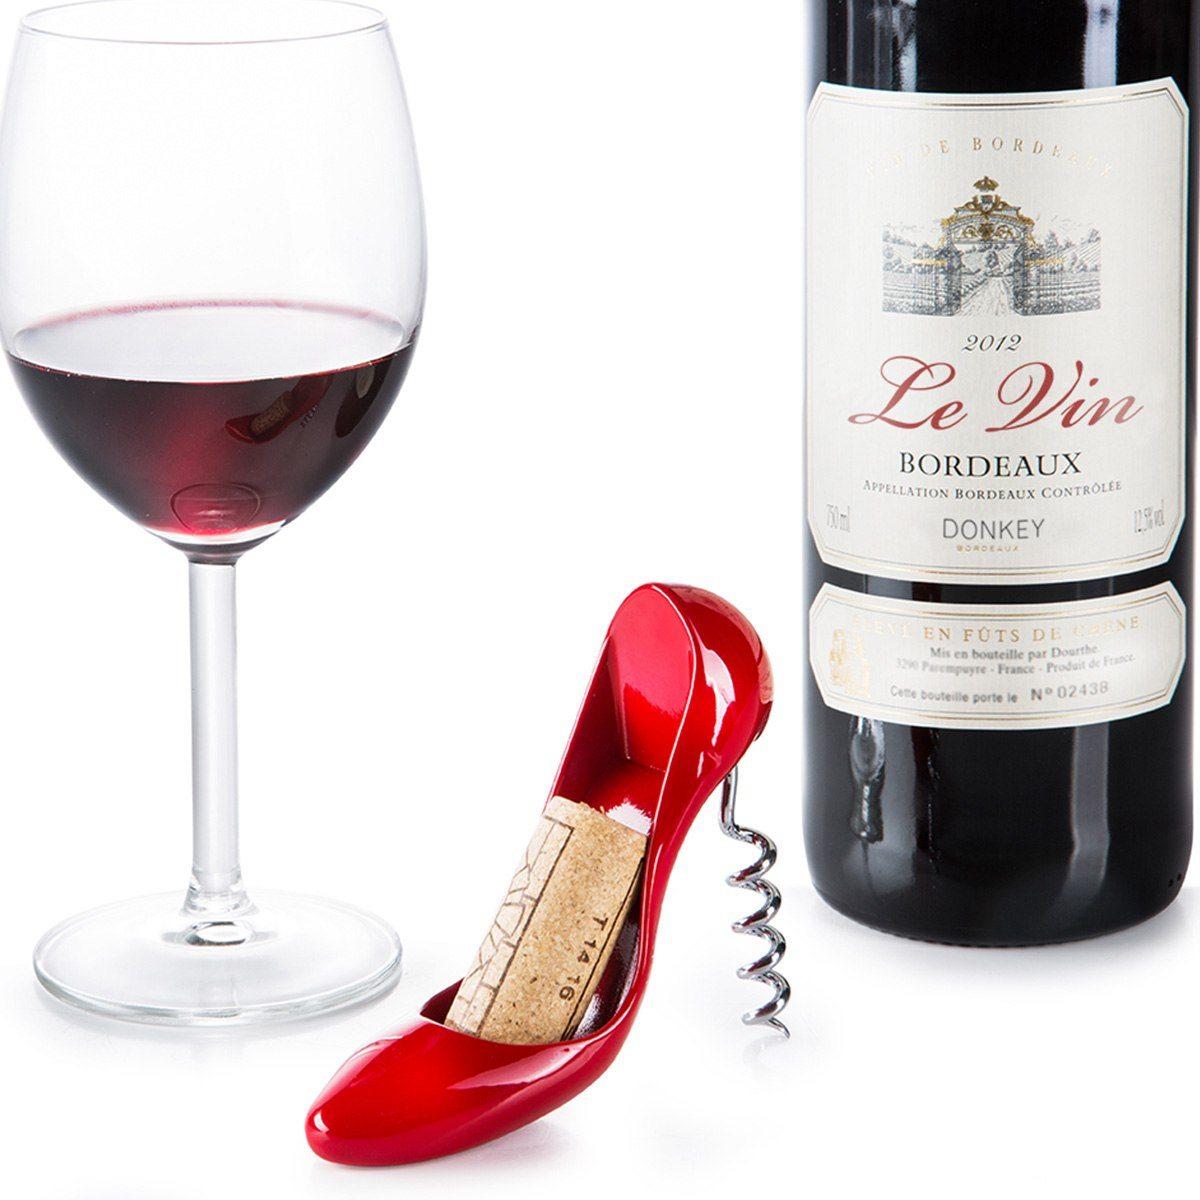 Högklackad vinöppnare